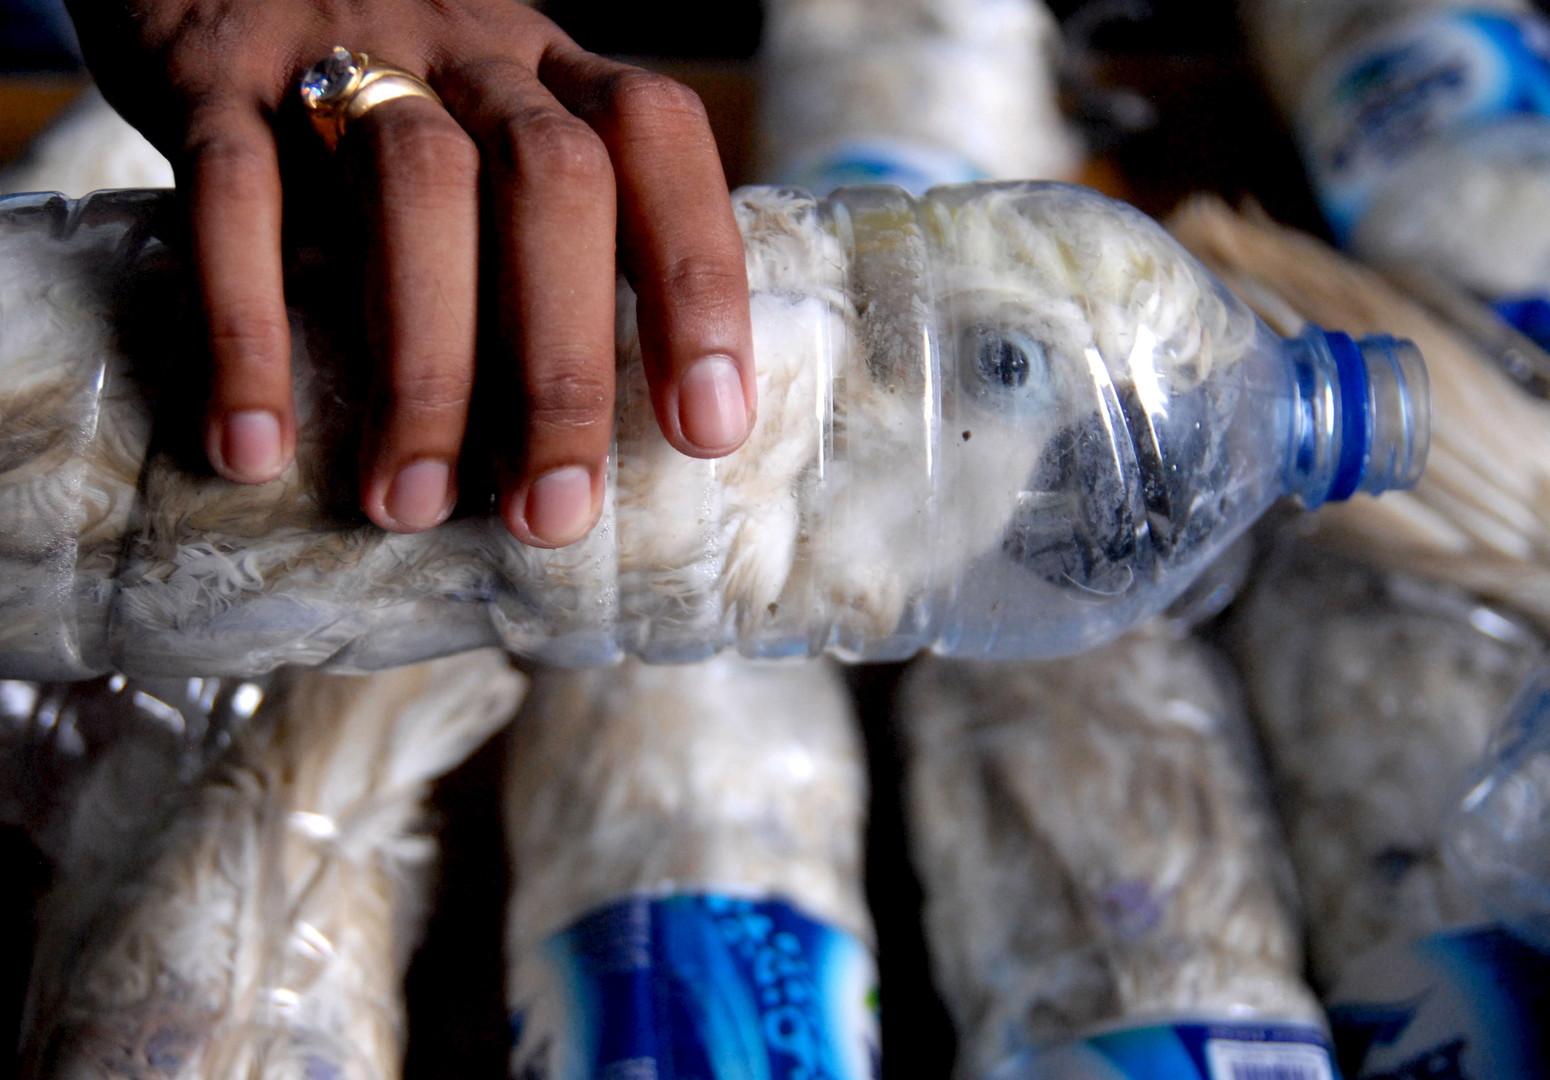 Eine Plastikflasche in der sich ein Gelbhaubenkakadu befindet. Diese seltenen Vögel wurden im Jahr 2015 im Hafen Tanjung Perak in Indonesien beschlagnahmt.